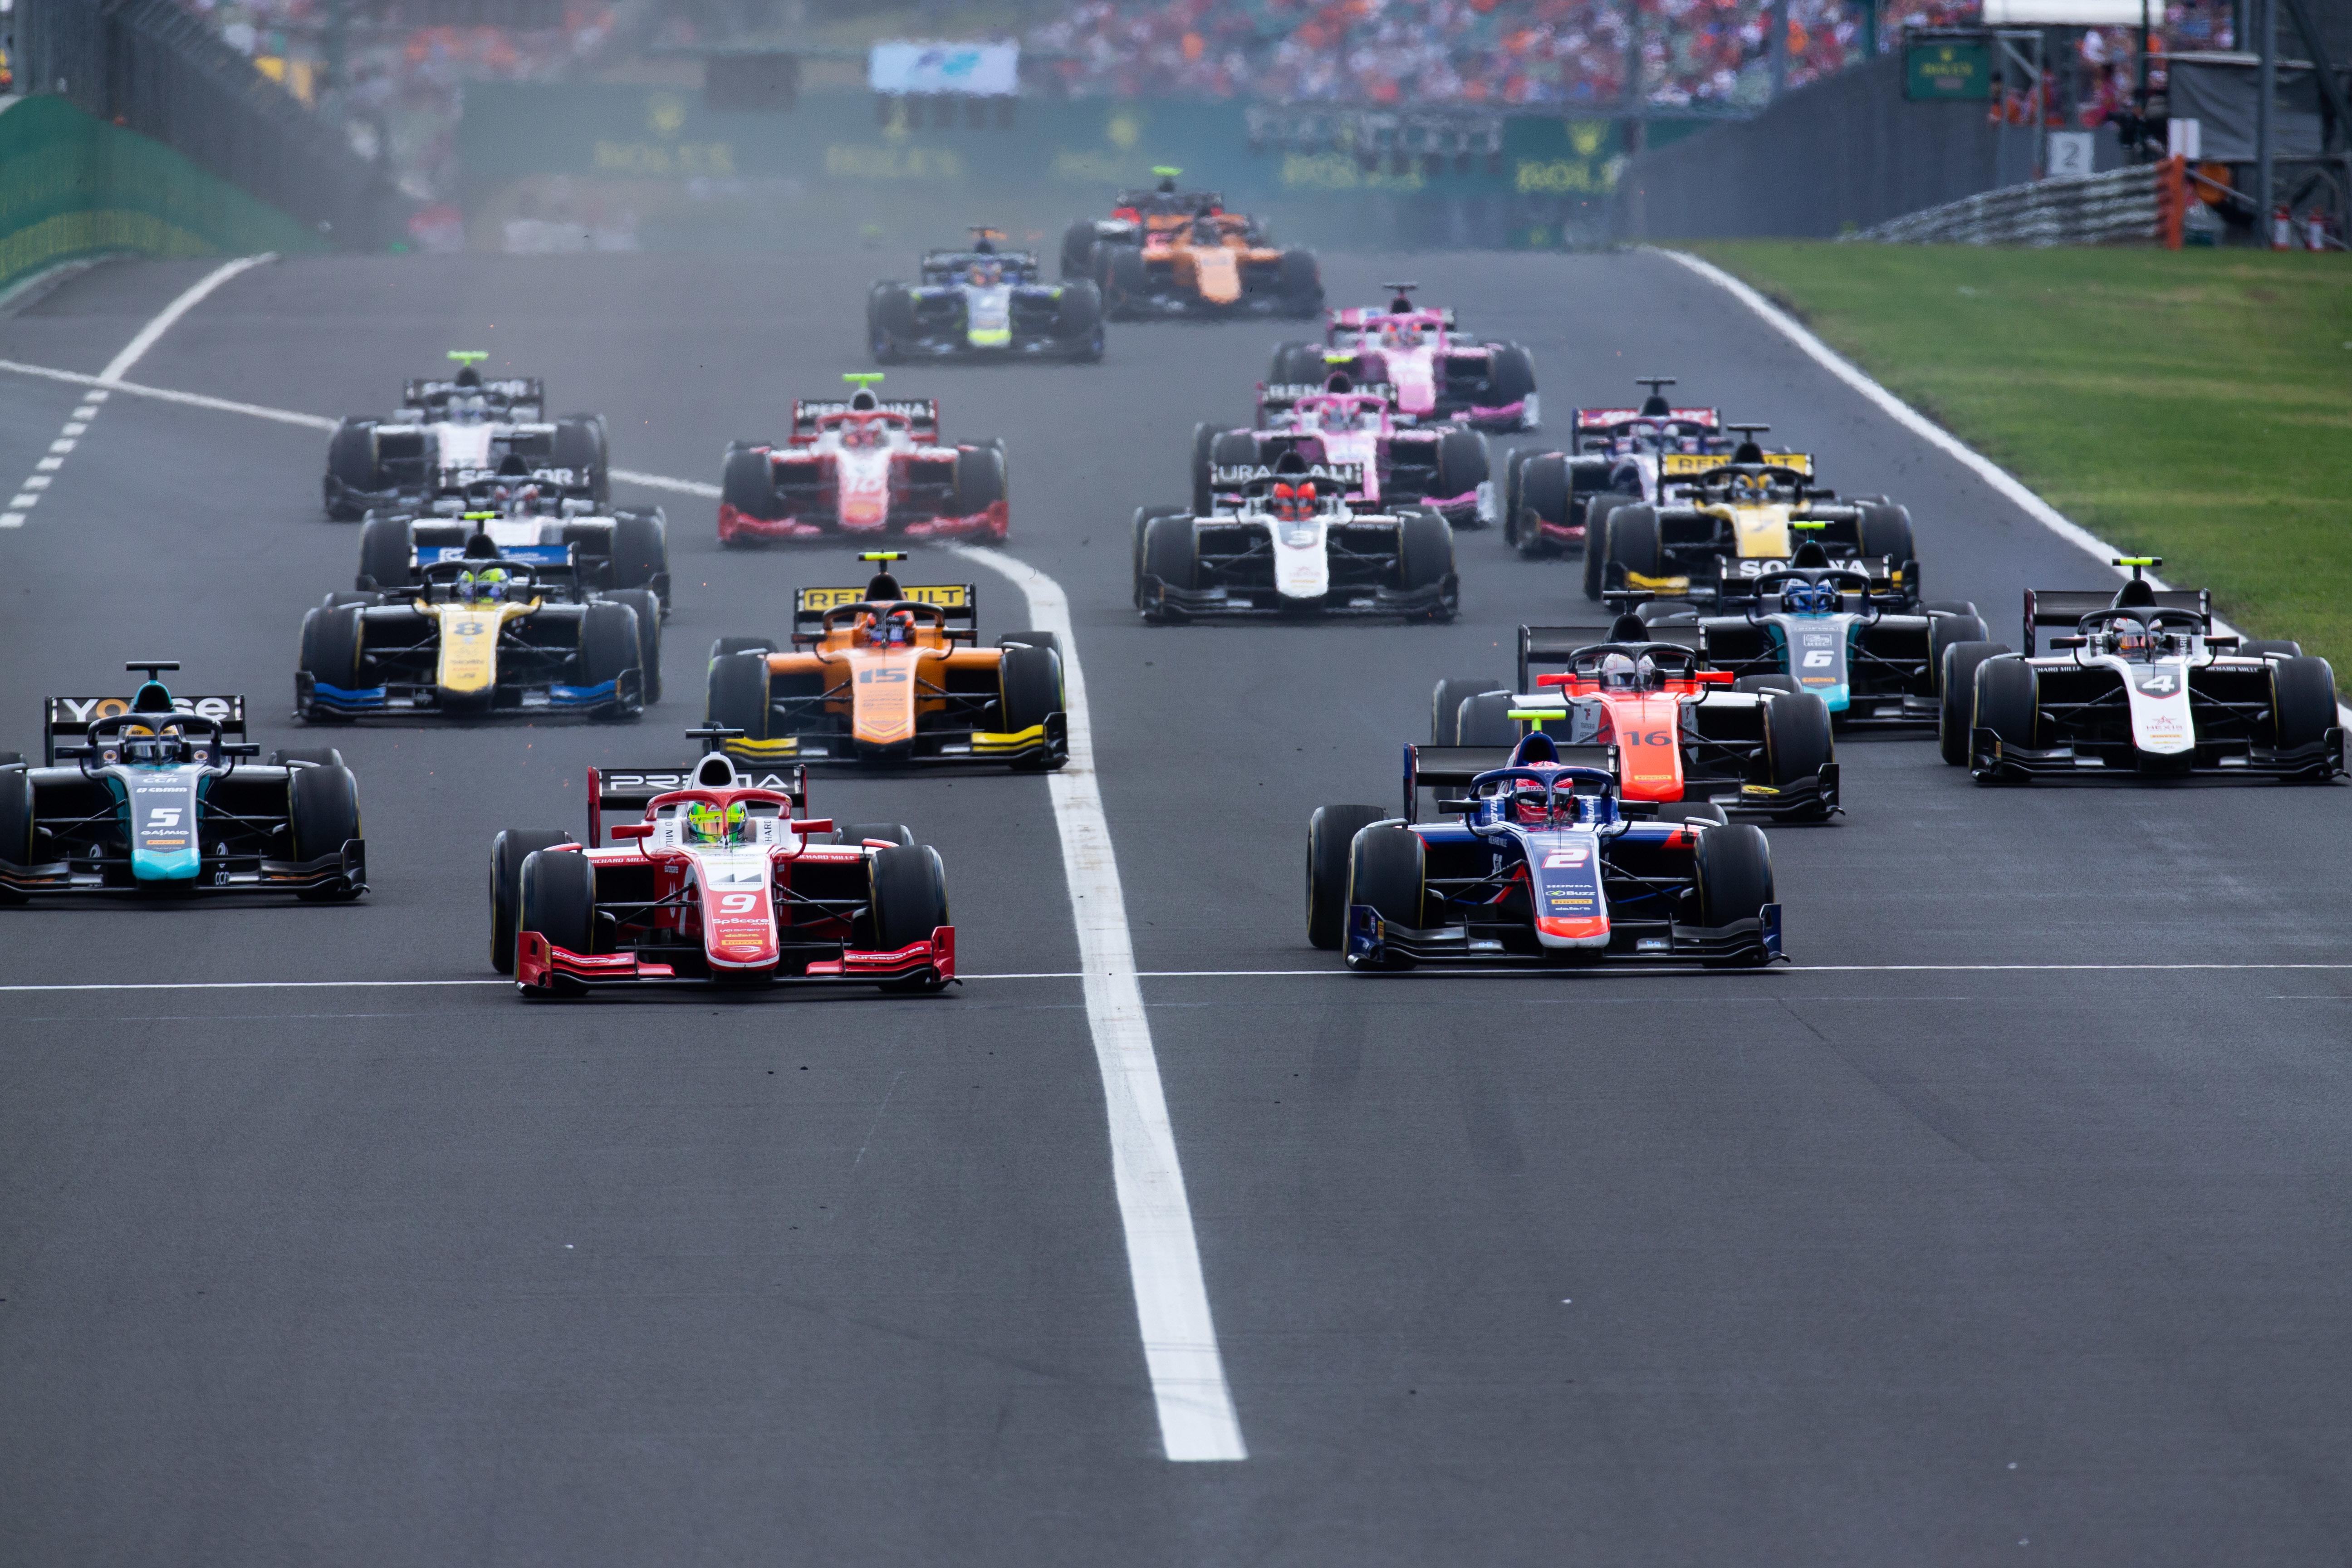 Egy 11. csapat is csatlakozik a Formula–2 mezőnyéhez